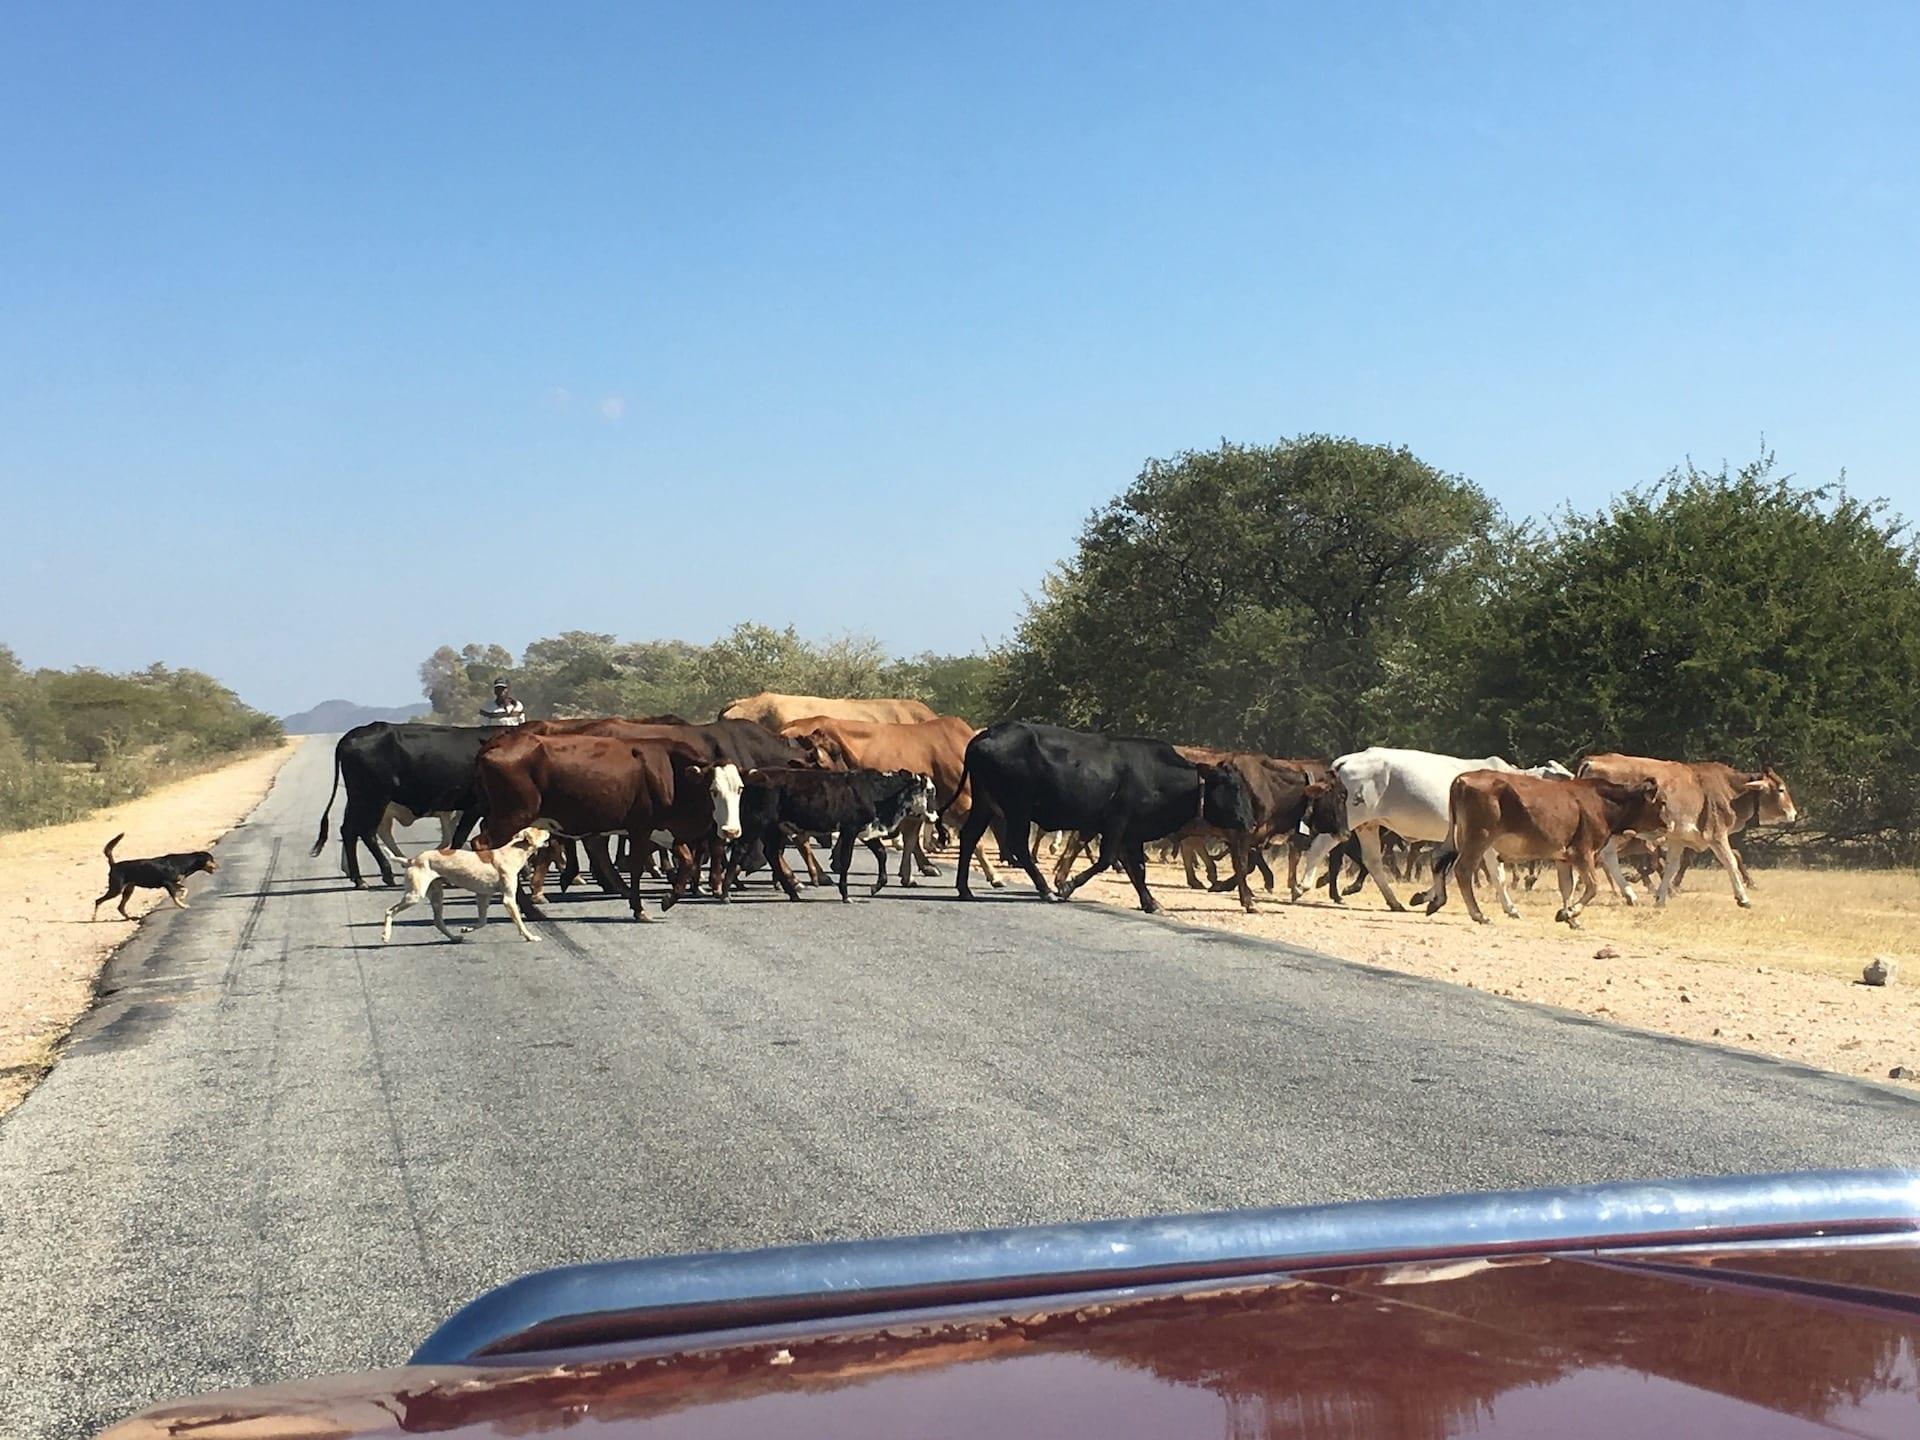 # FOTO 3 - Onderweg Great Zimbabwe - Matobo 1907